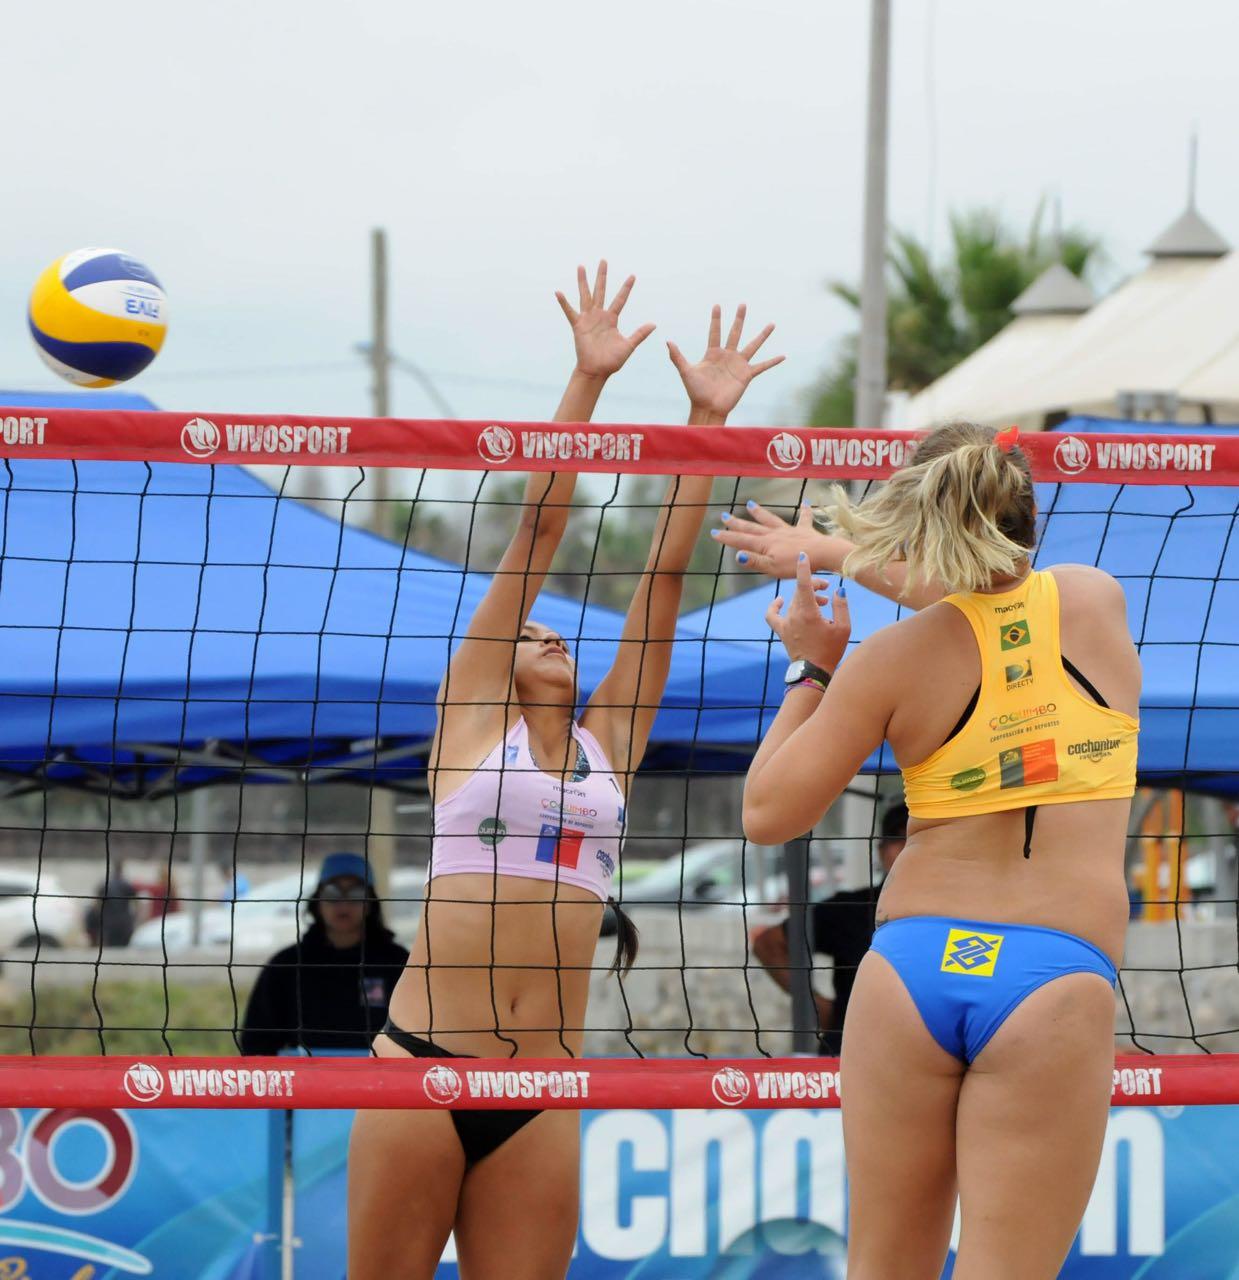 Brasil larga com duas duplas invictas e já classificadas às quartas no Chile